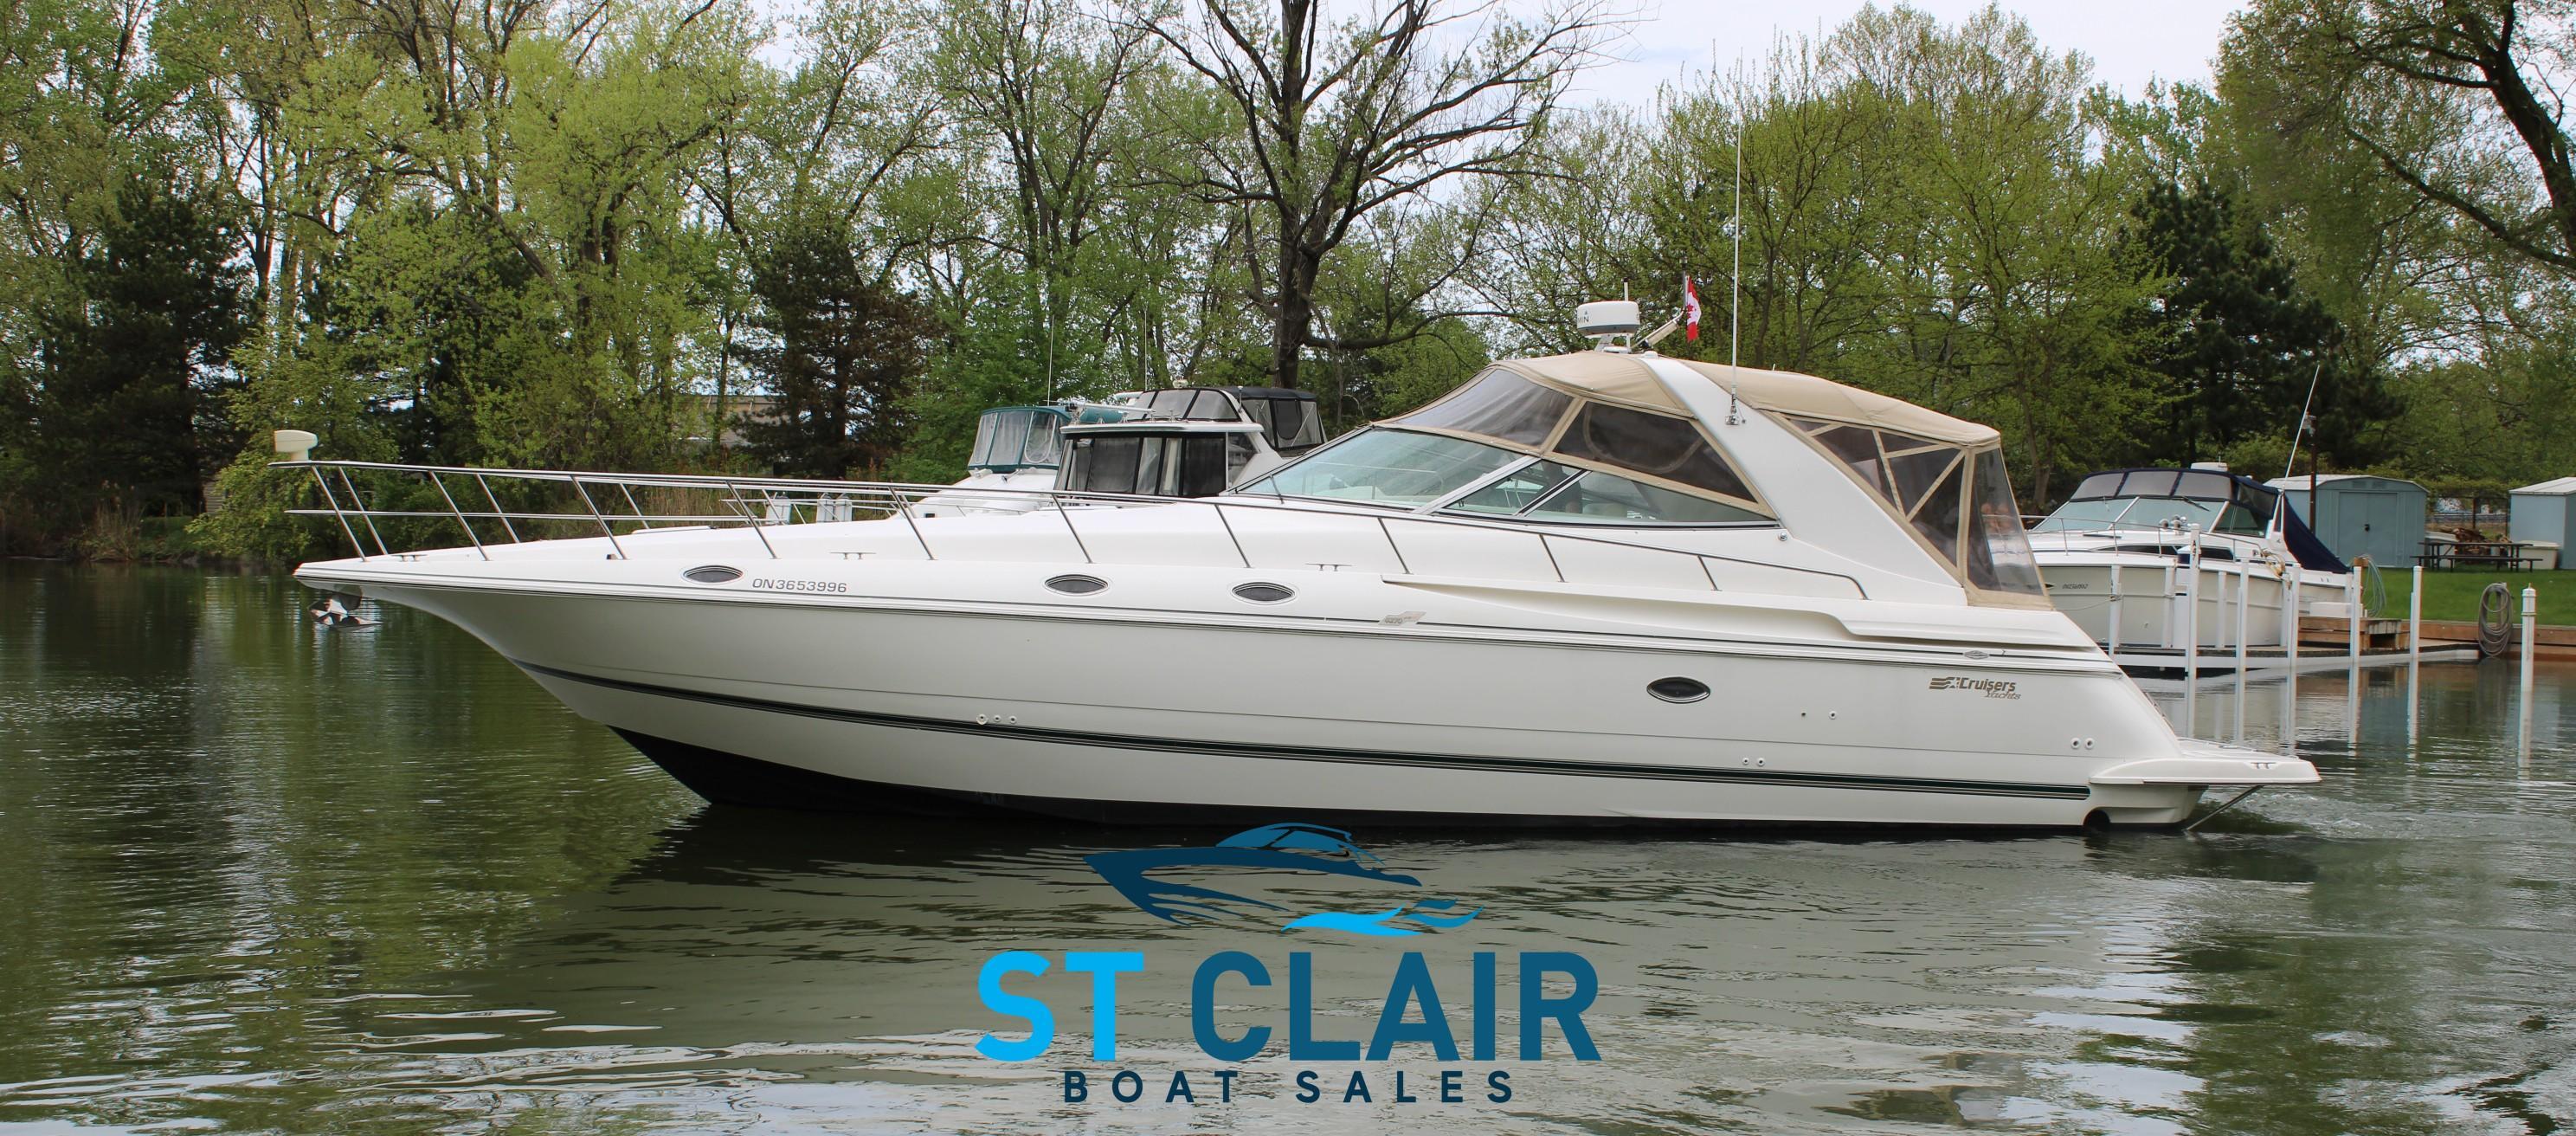 1997 Cruisers Yachts 4270 Express Sarnia Ontario Boats Com